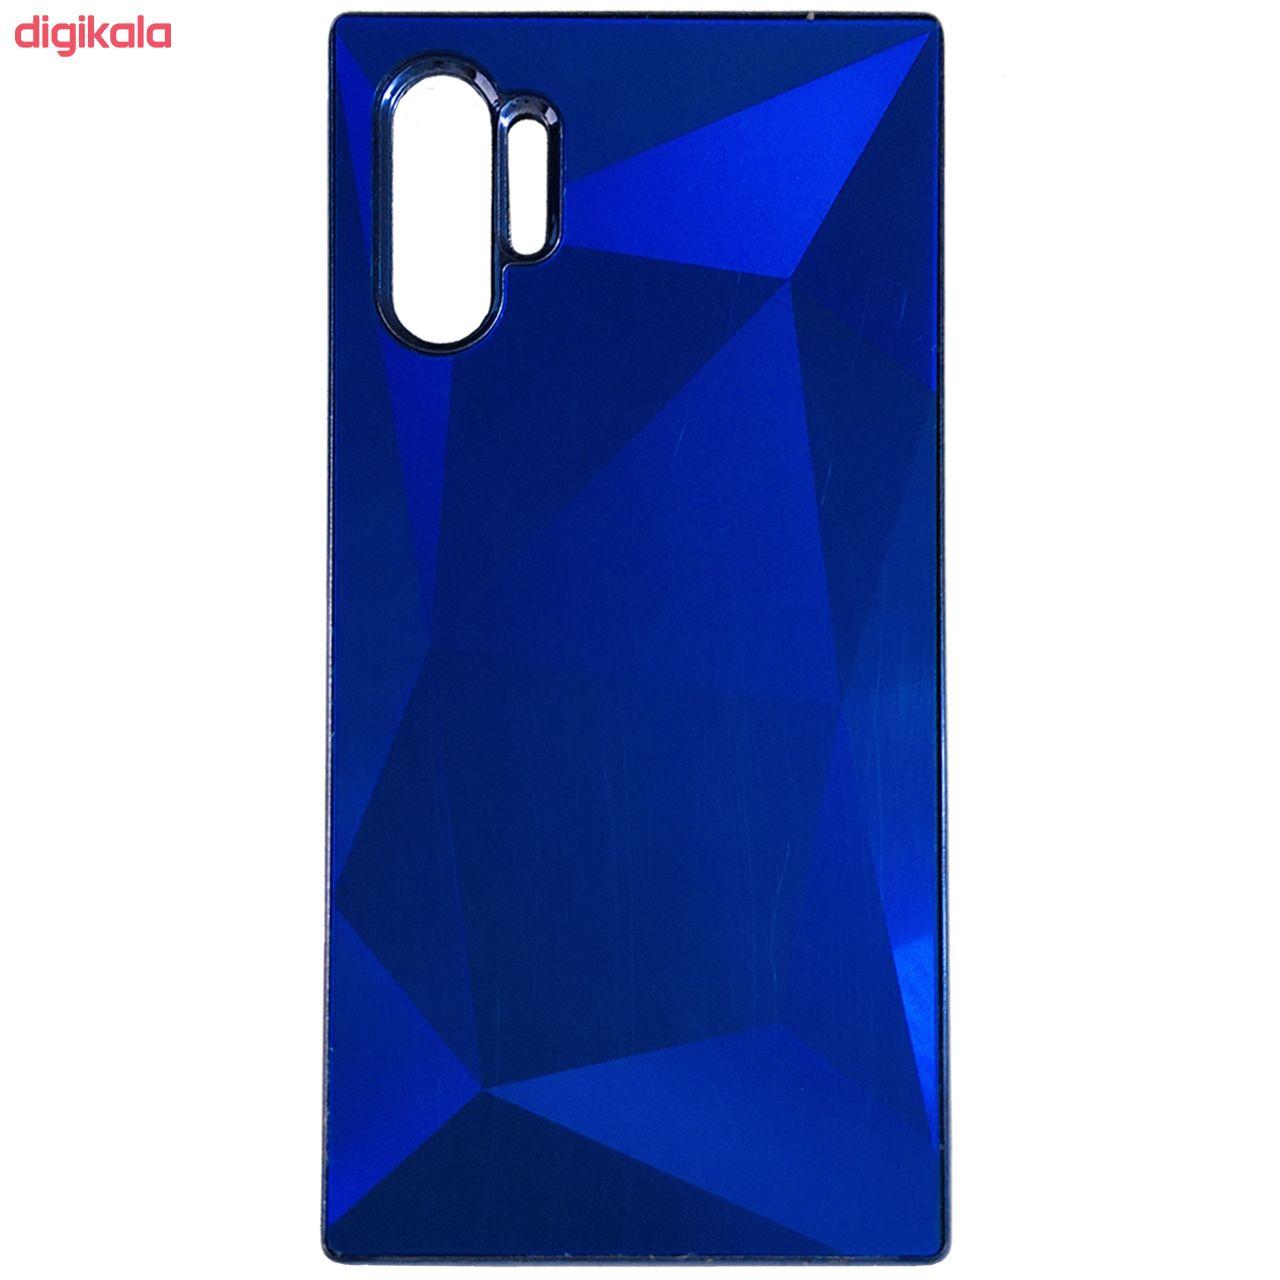 کاور طرح الماس کد 0015 مناسب برای گوشی موبایل سامسونگ Galaxy Note 10 Plus main 1 4